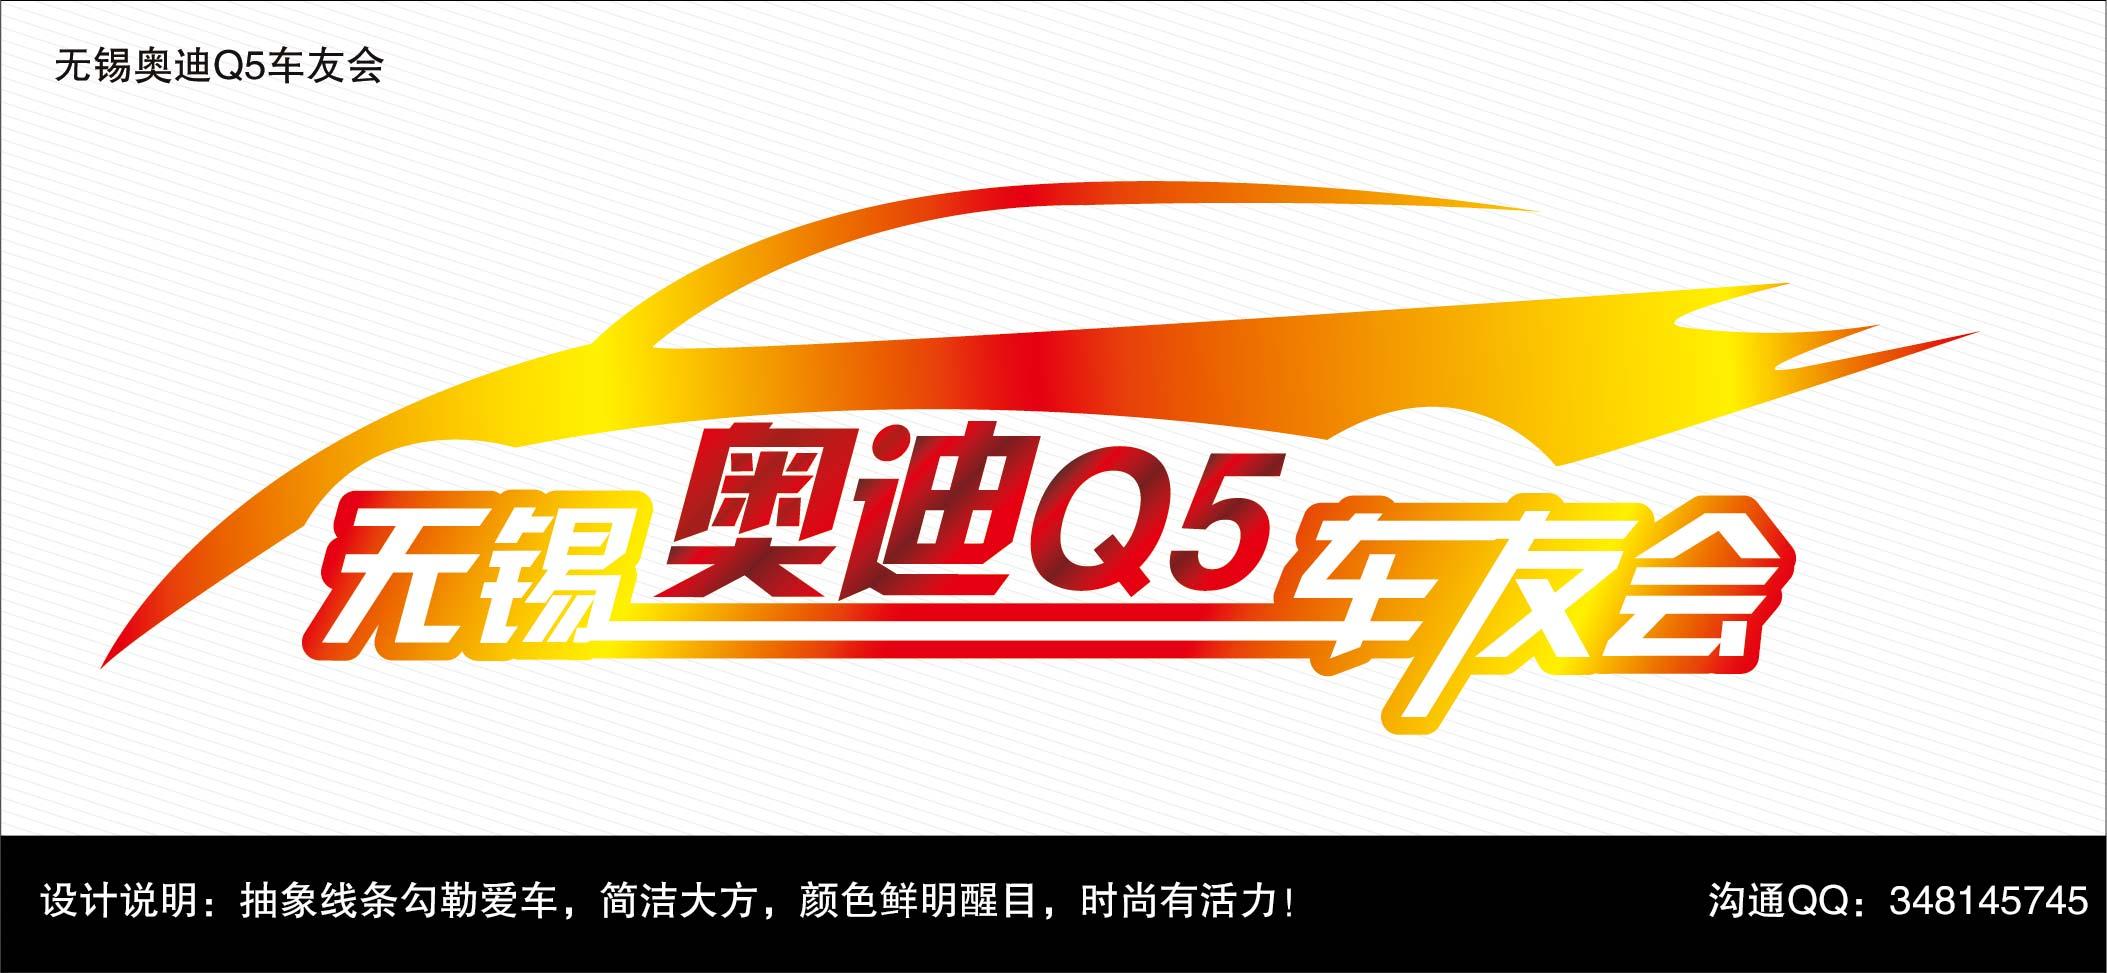 无锡奥迪q5车友会logo设计